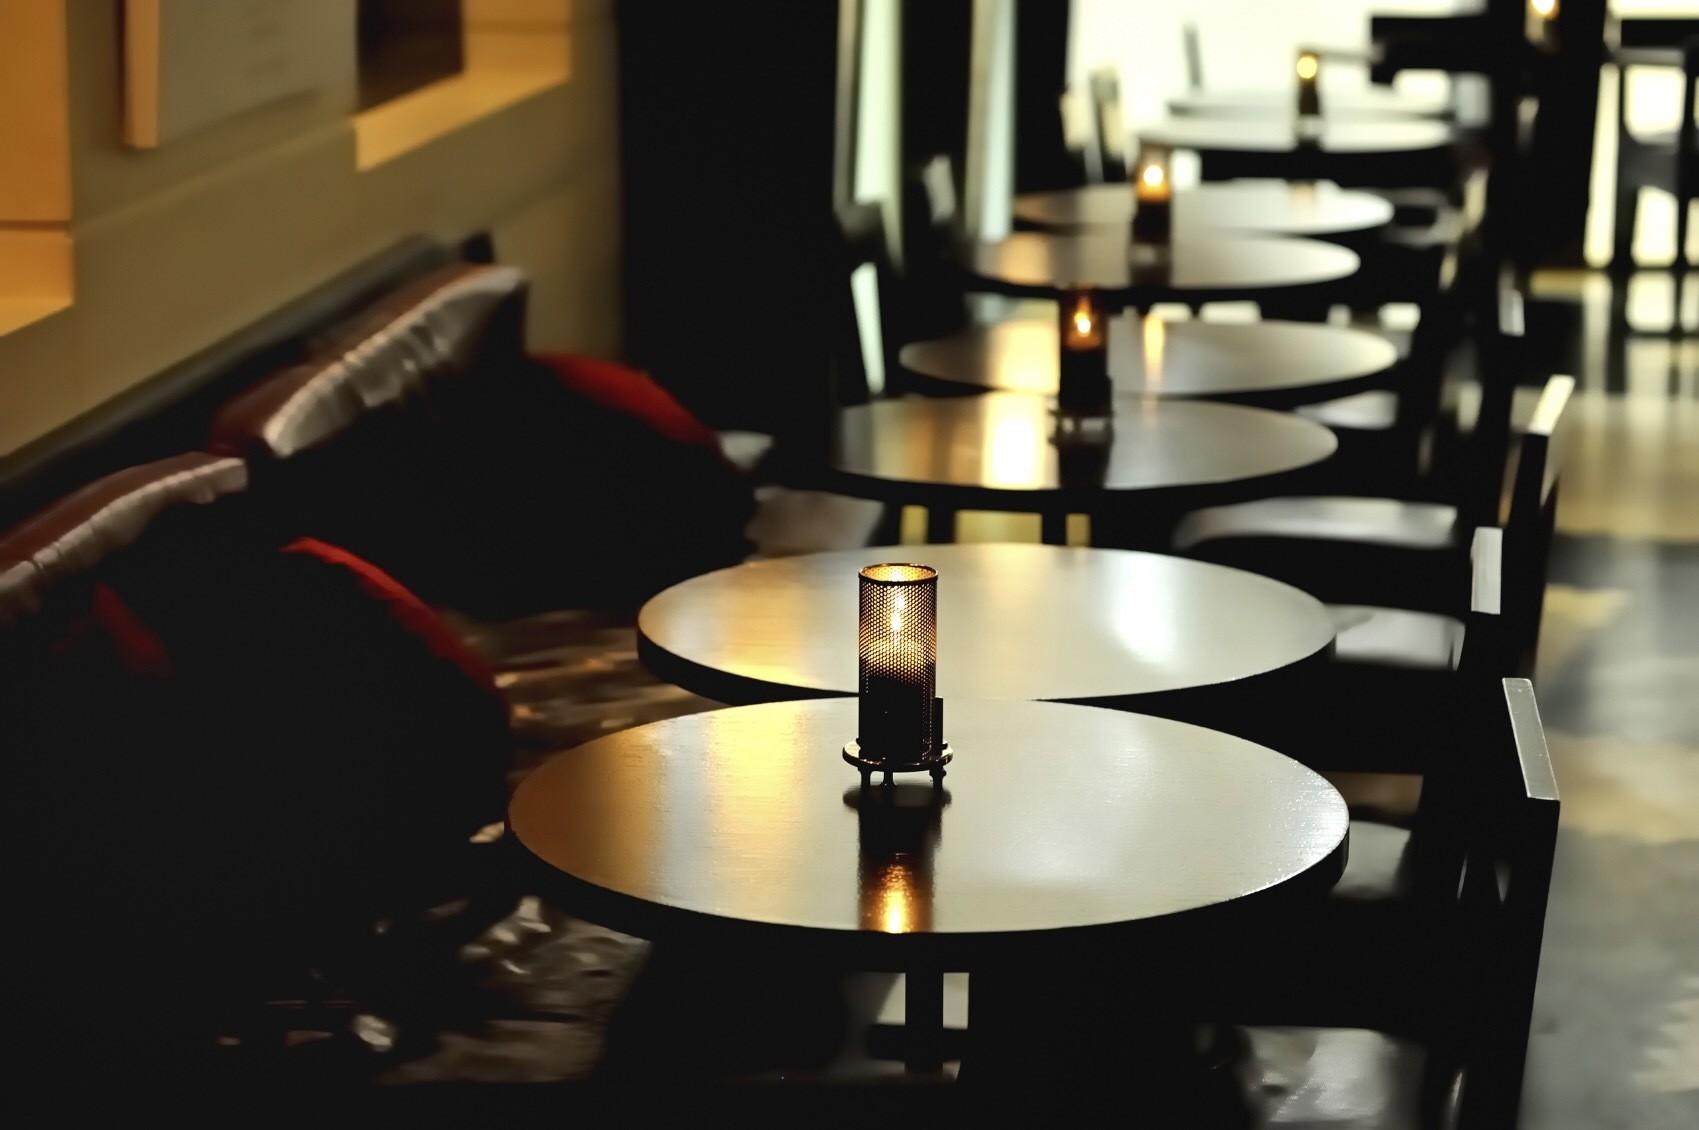 кафе и рестораны терпят убытки